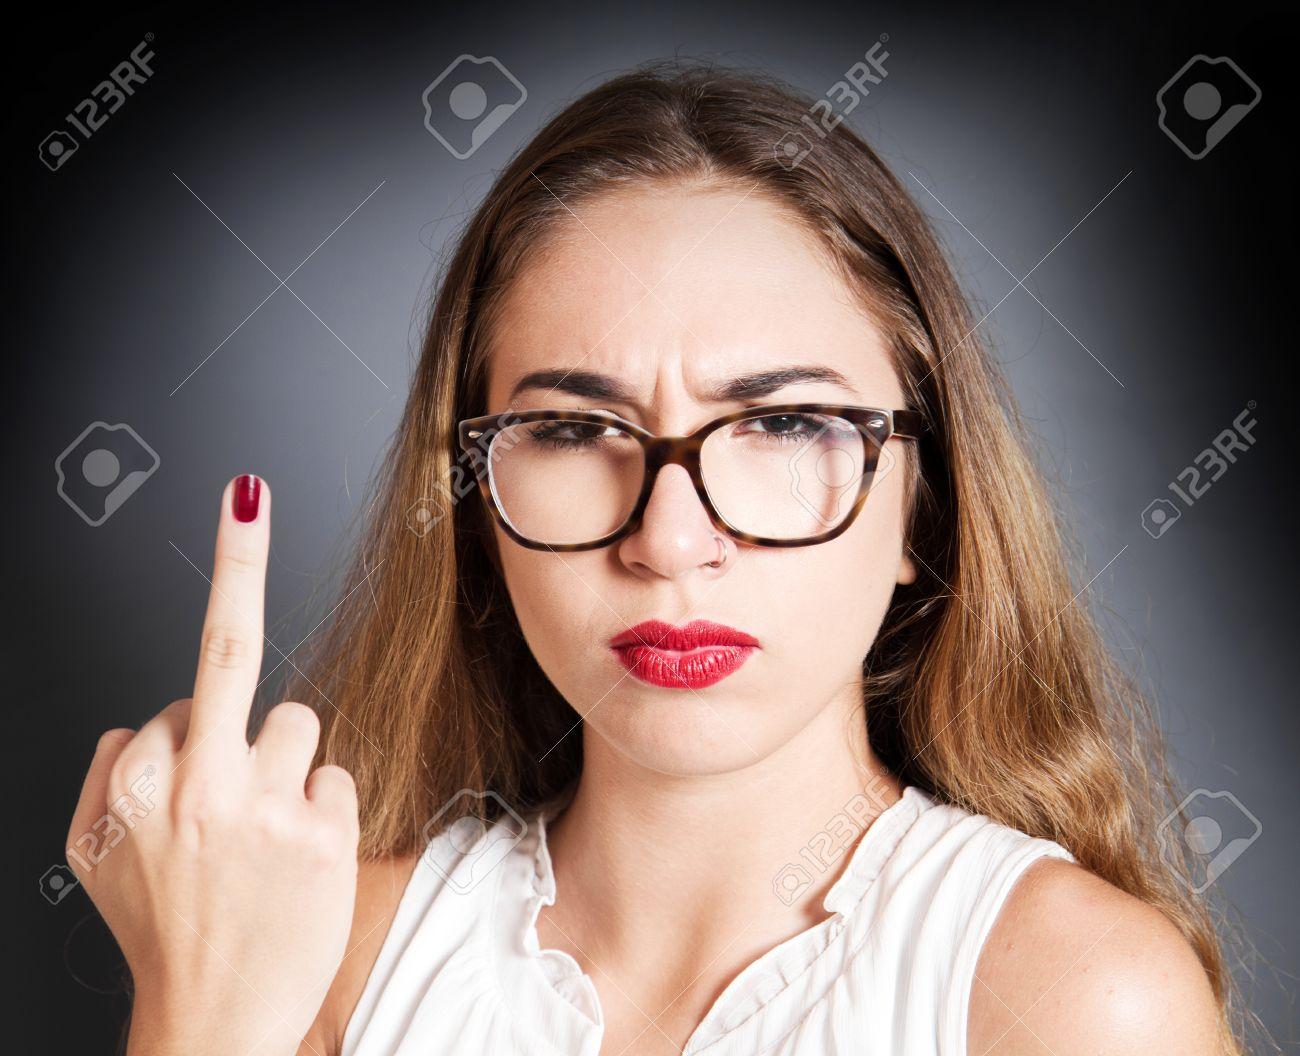 Geile Mädchenbilder Fuß fetisch Teenie-Sex